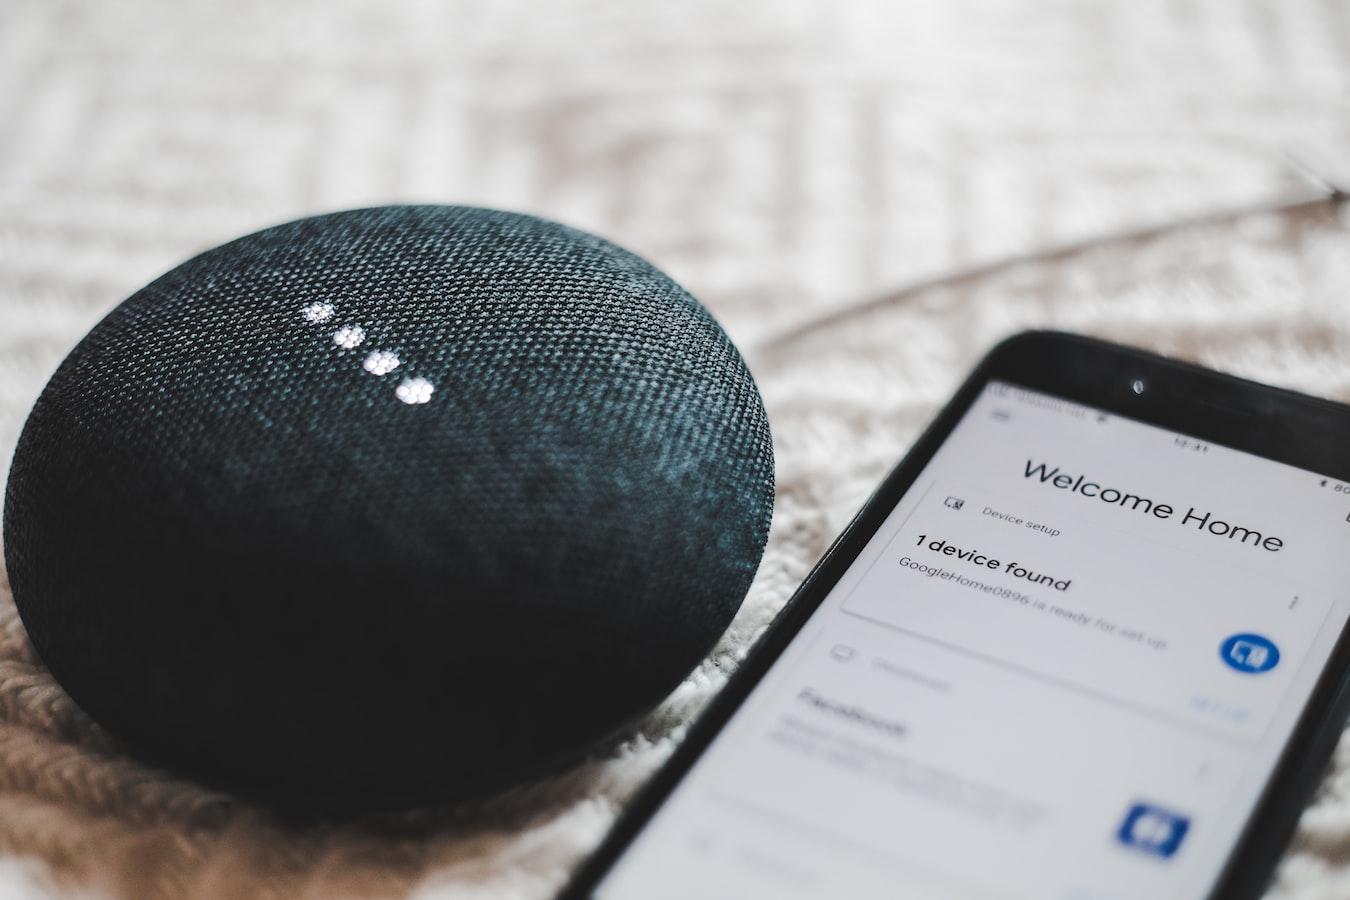 Spárování telefonu s hlasovým asistentem Google Home